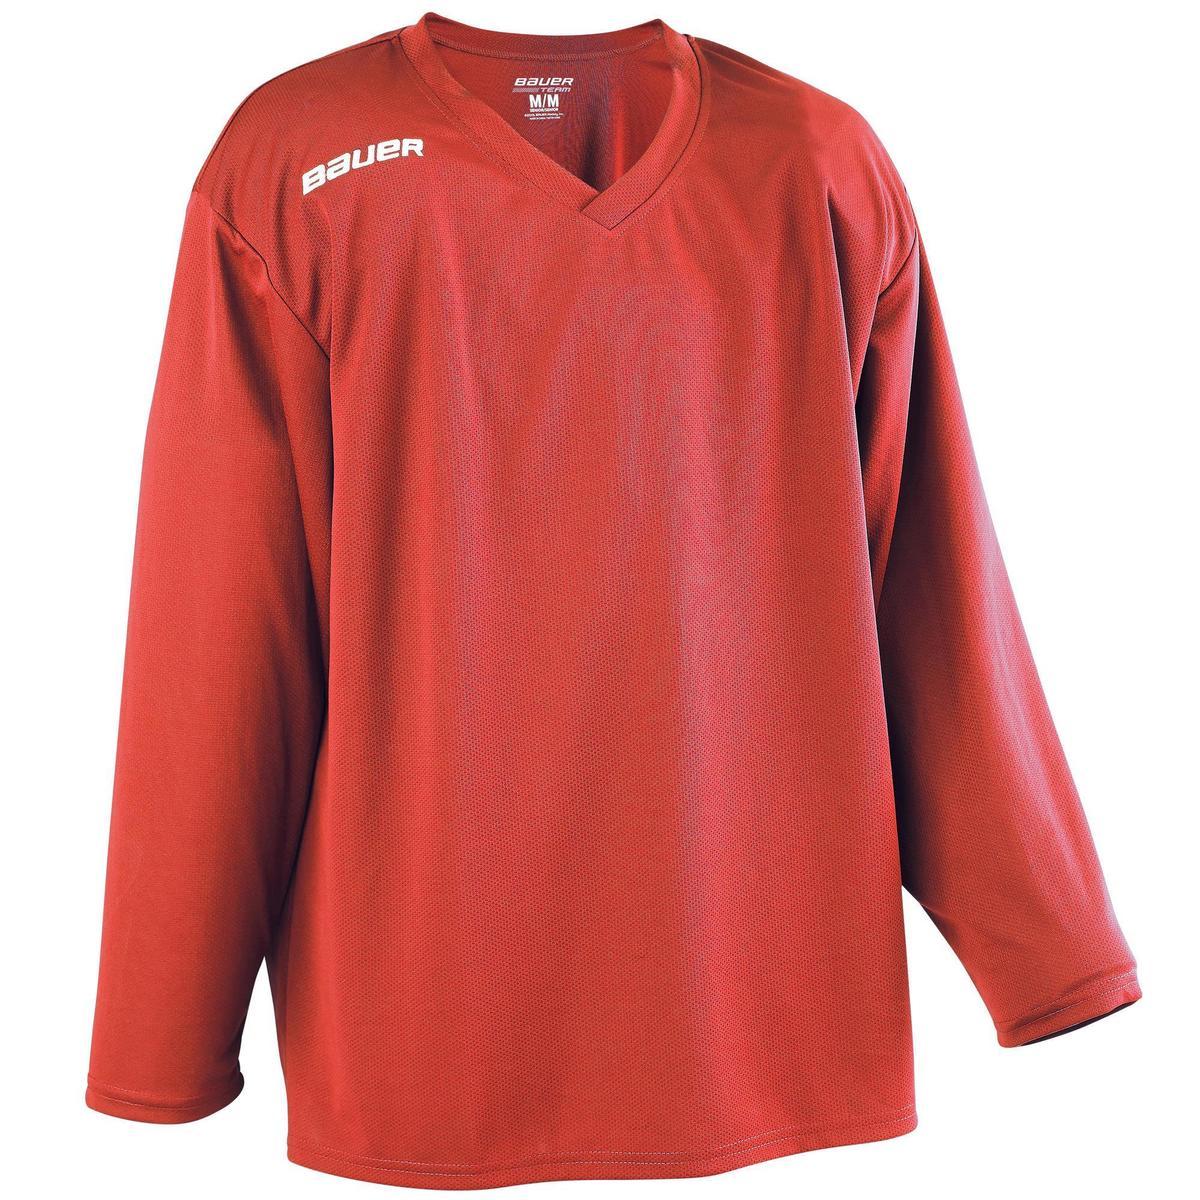 Bild 3 von Eishockey-Trikot B 200 Kinder rot